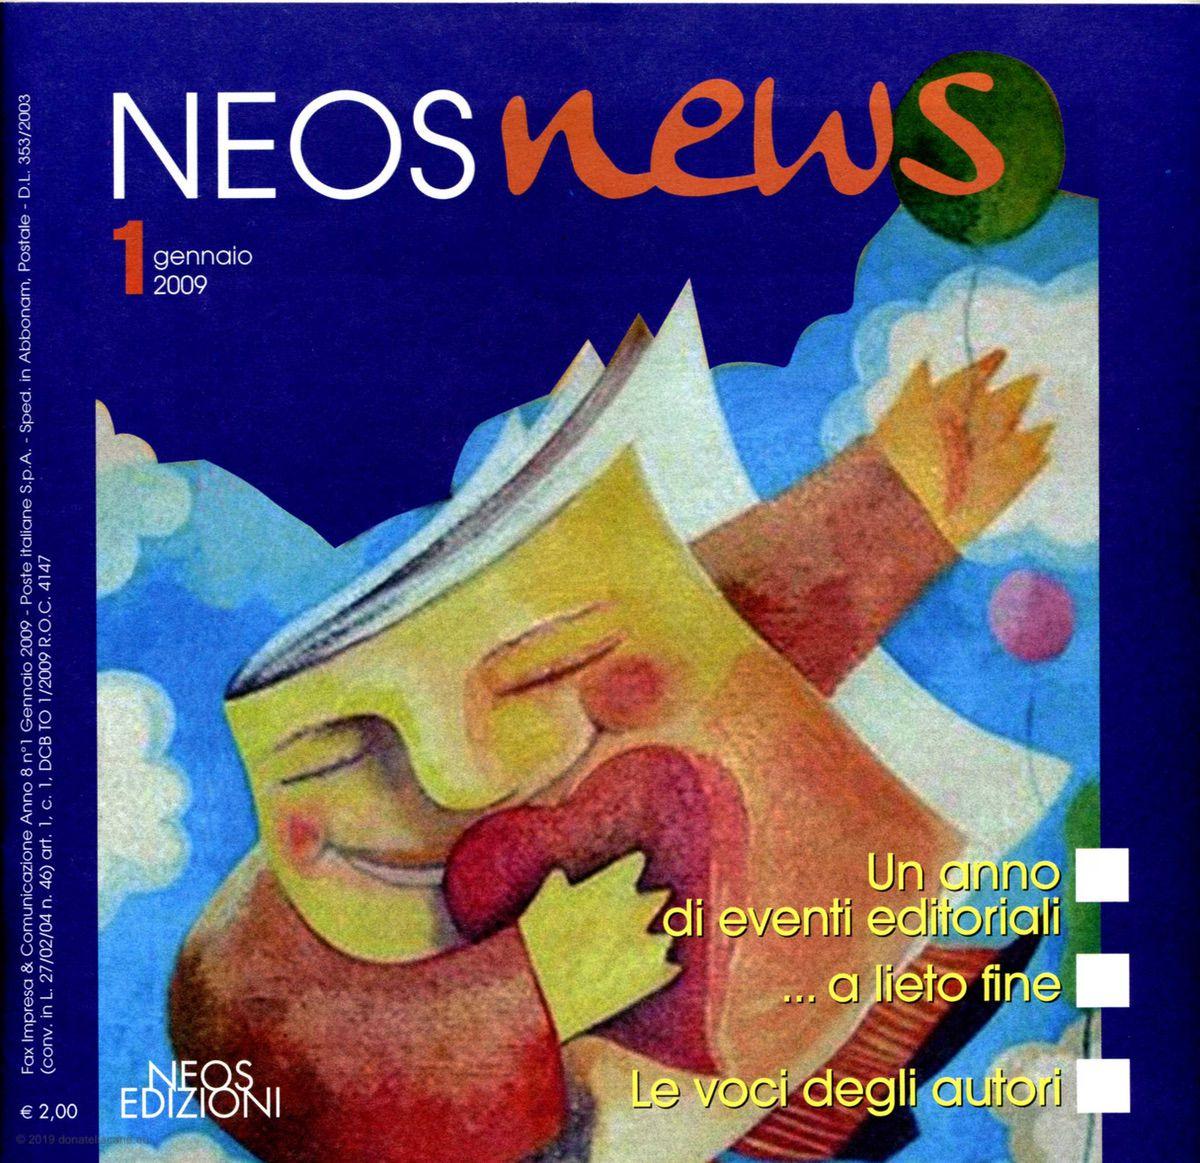 Neosnews